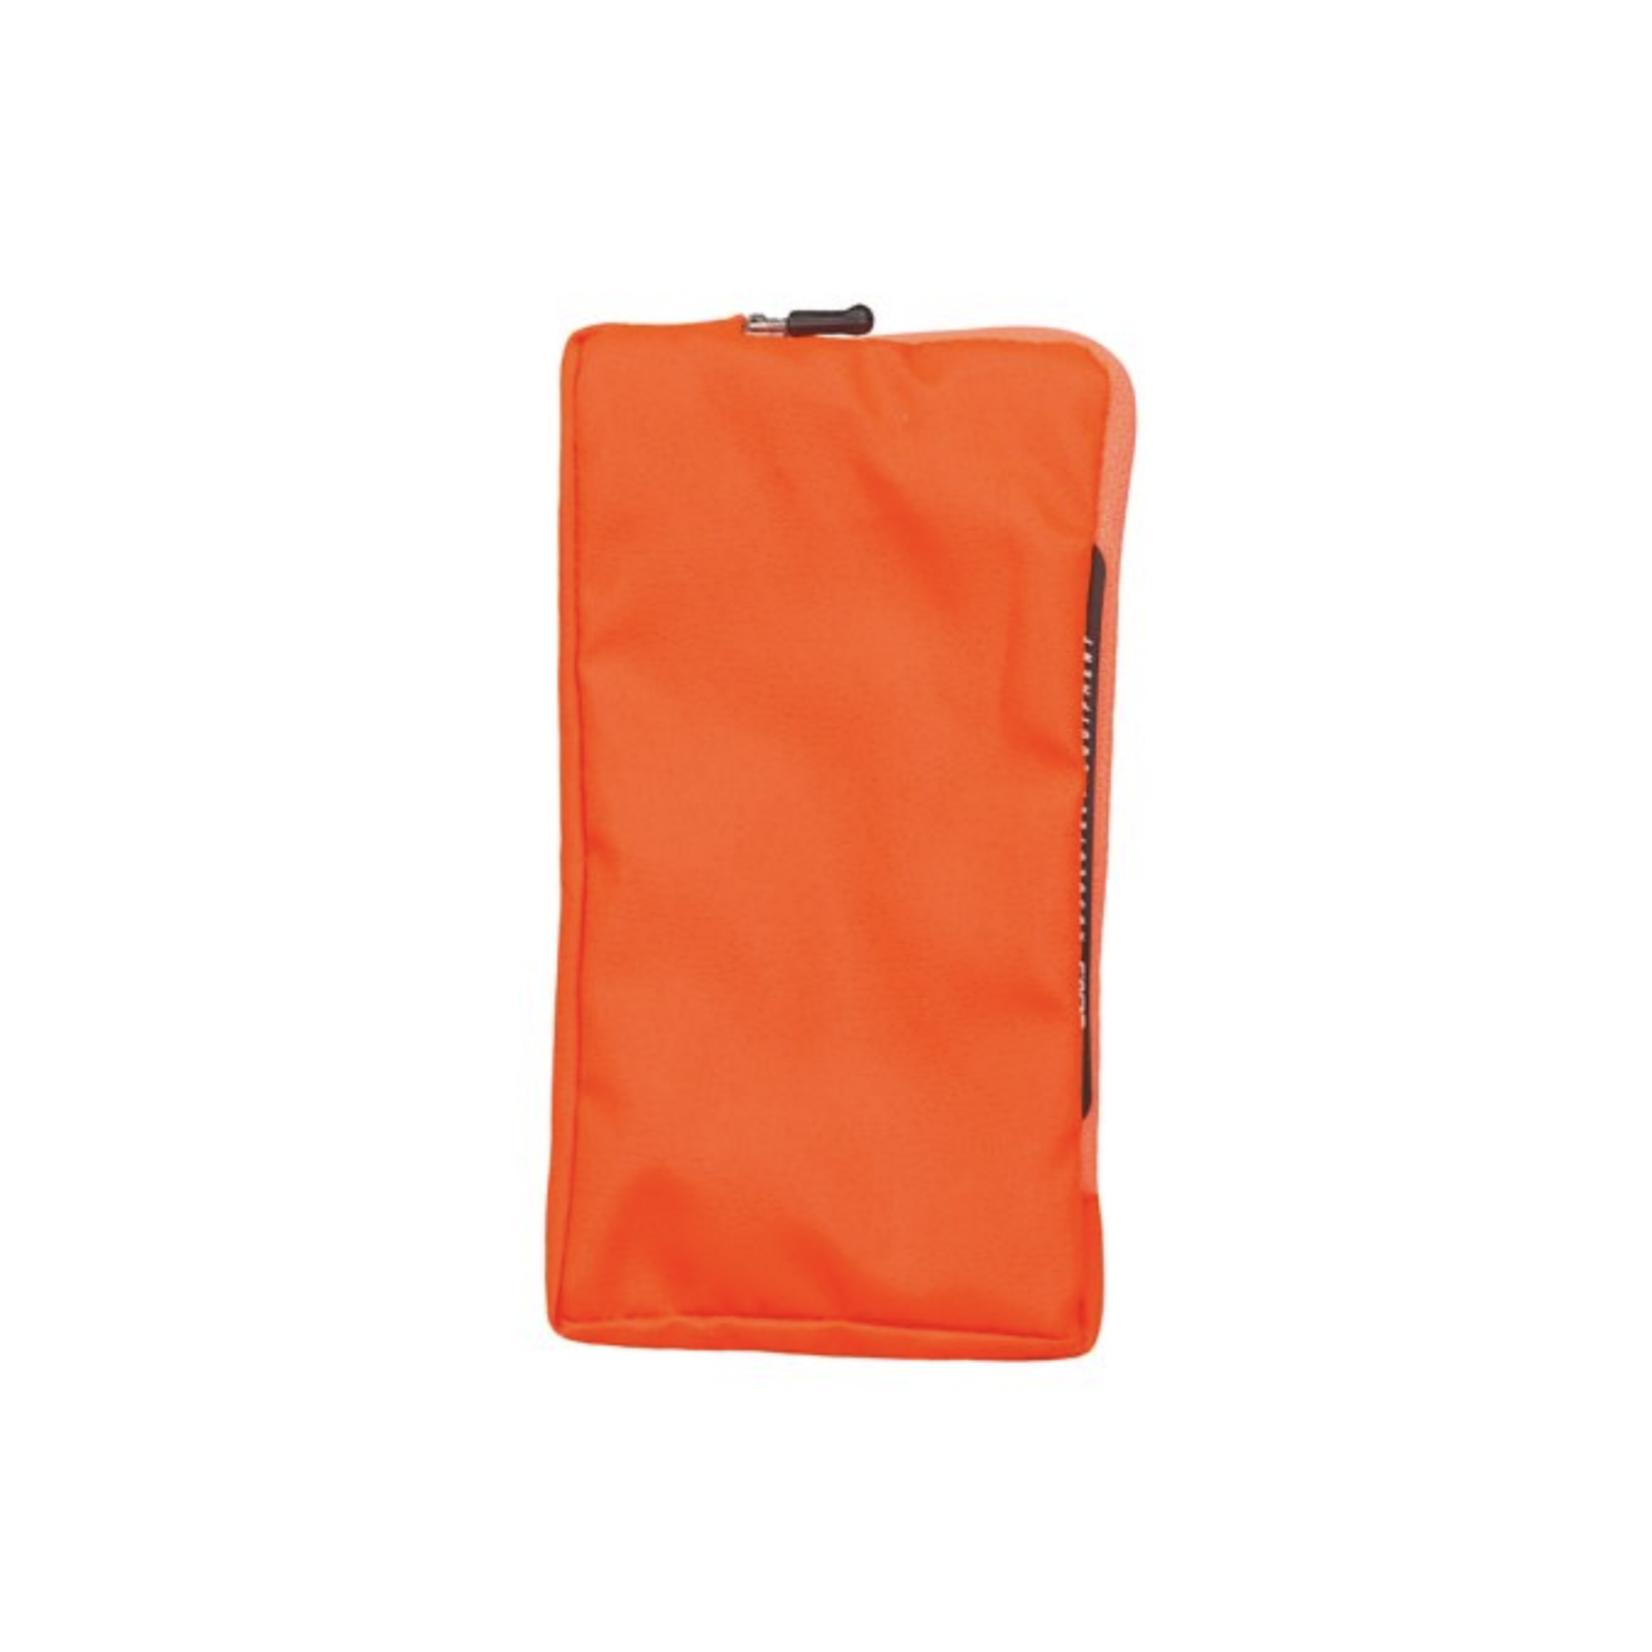 Q36.5 Q36.5 Smart Protector Plus - Orange